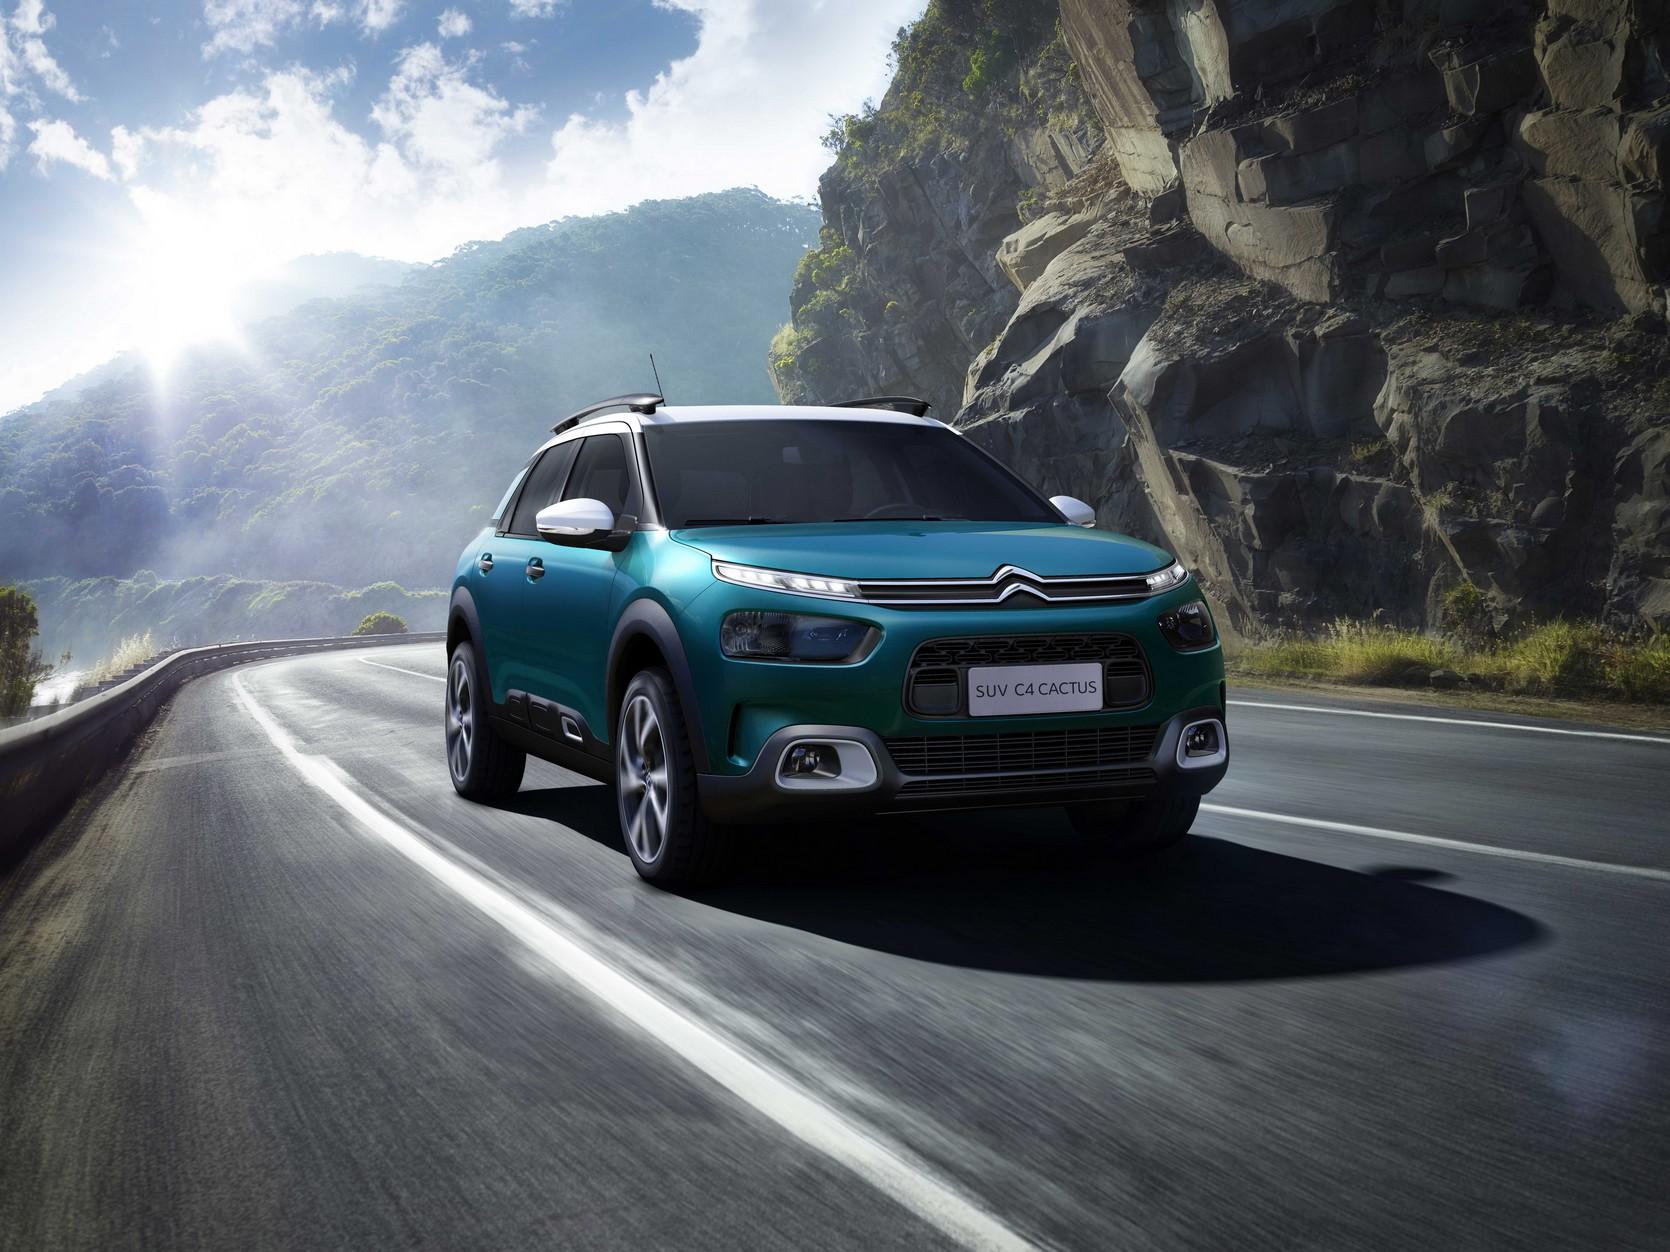 2018 - [Citroën] C4 Cactus restylé  - Page 3 C4_cactus_amlat_002-1525717429